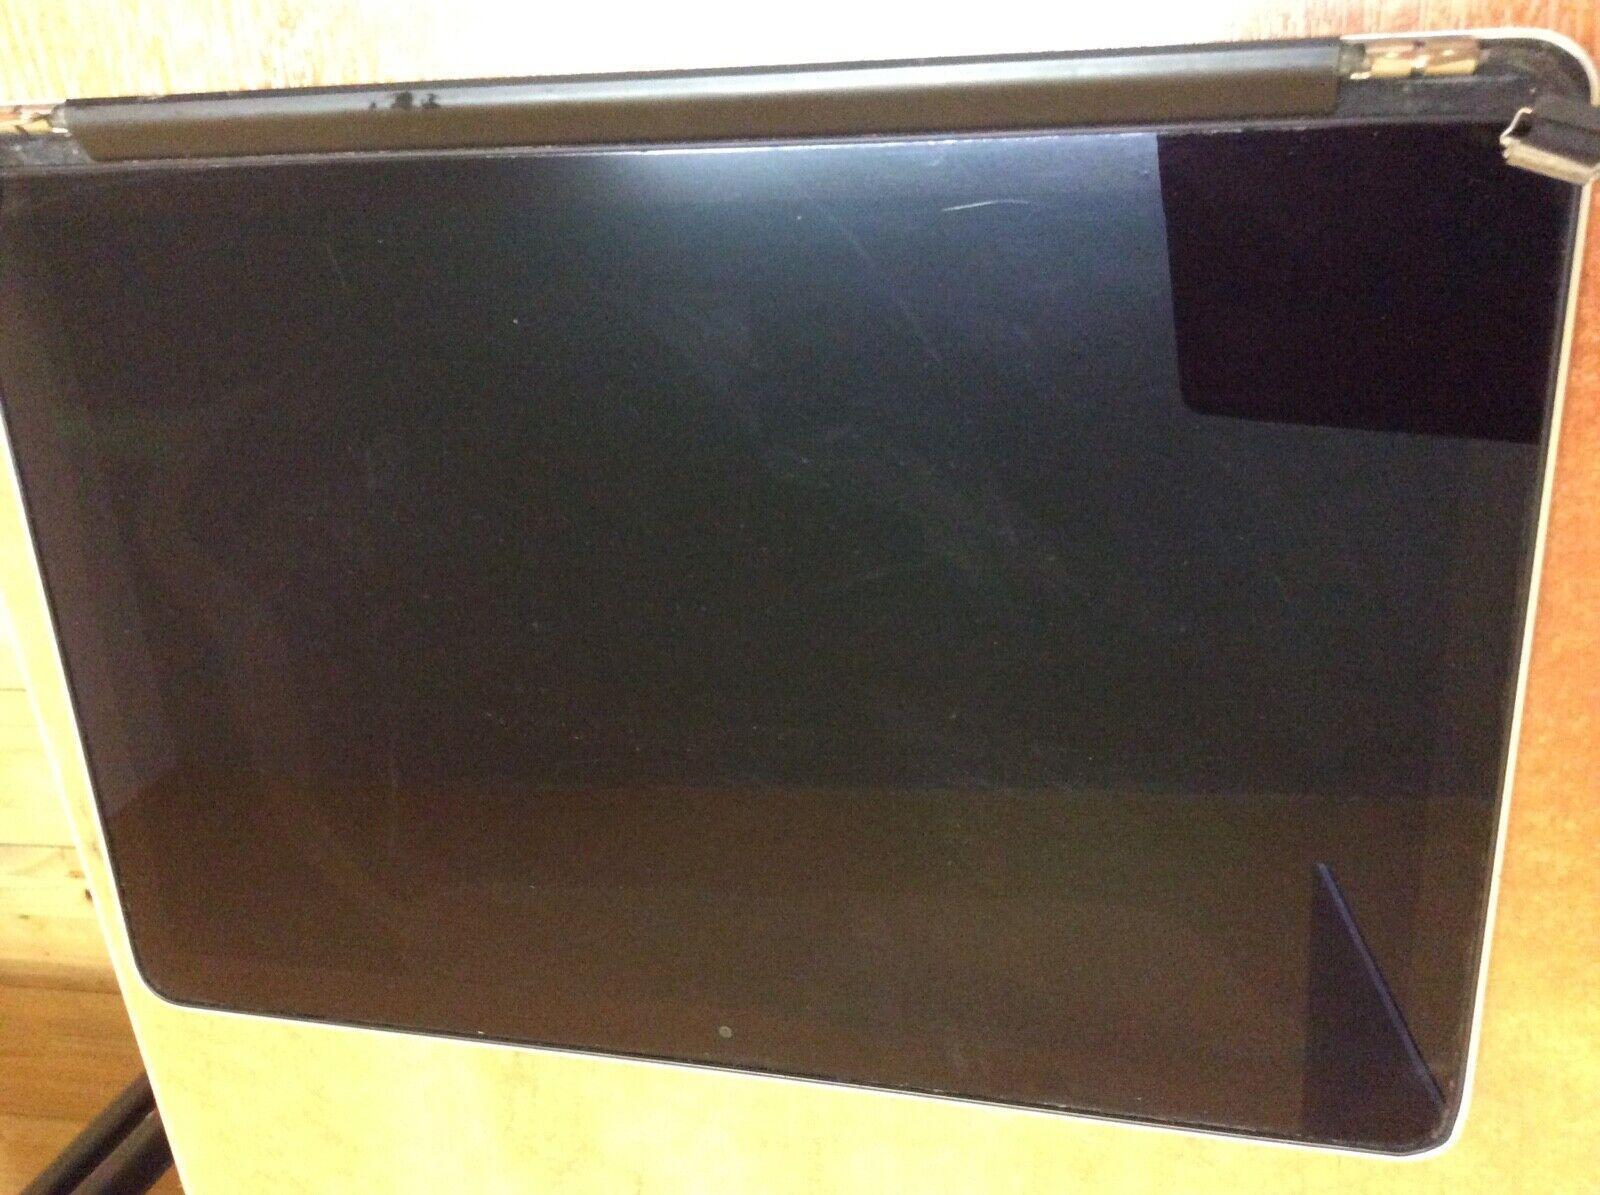 Apple Macbook Pro A1425 13